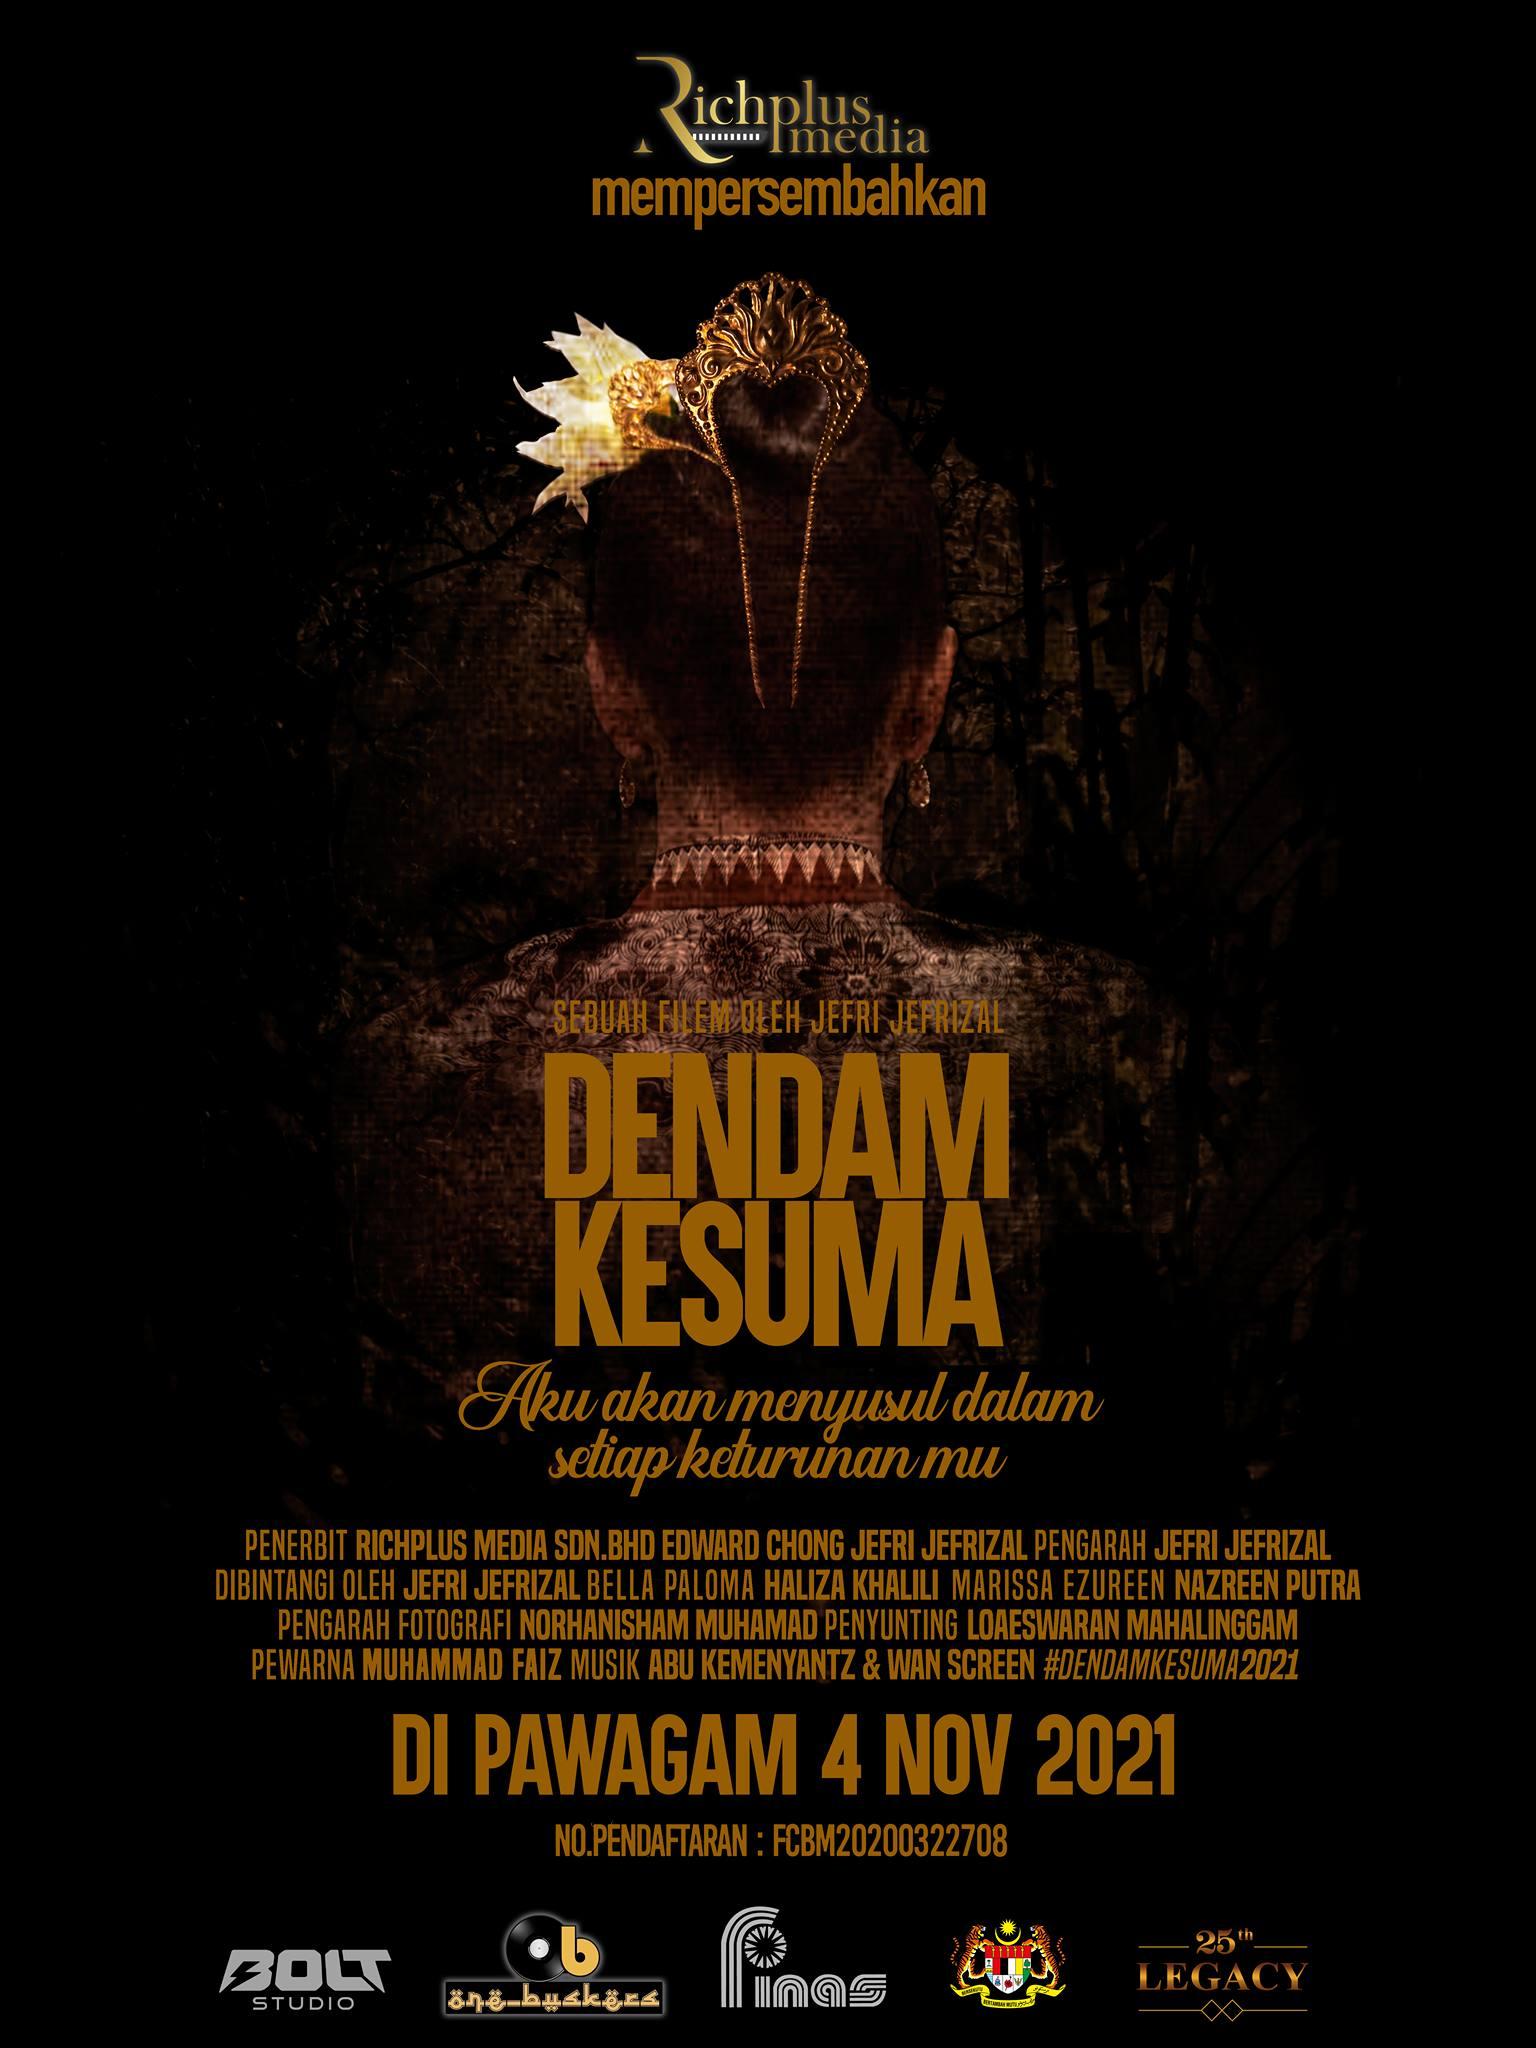 Dendam Kesuma